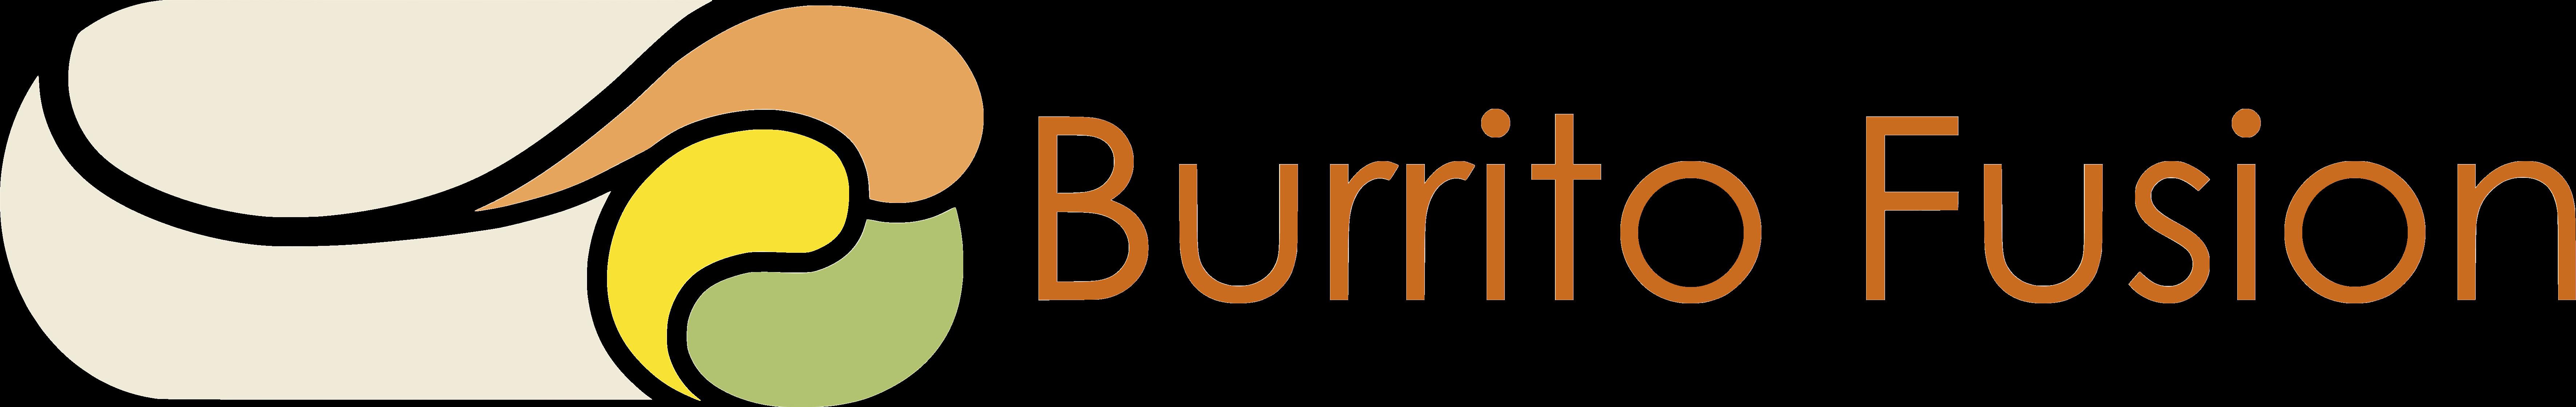 Burrito Fusion Logo Option A